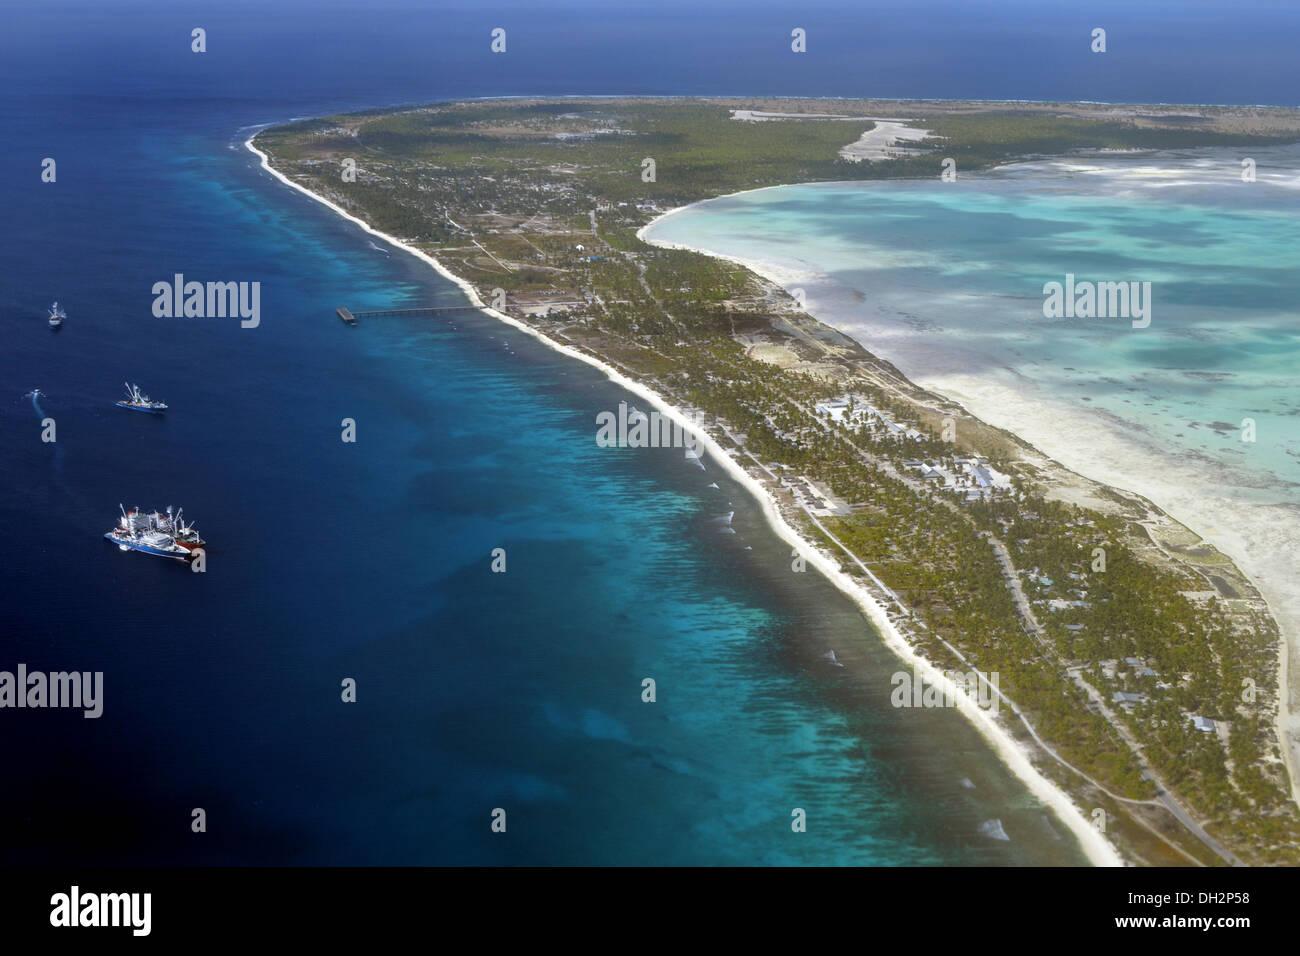 Aerial View of Kiritimati, Line Islands, Pacific Ocean, Kiribati - Stock Image